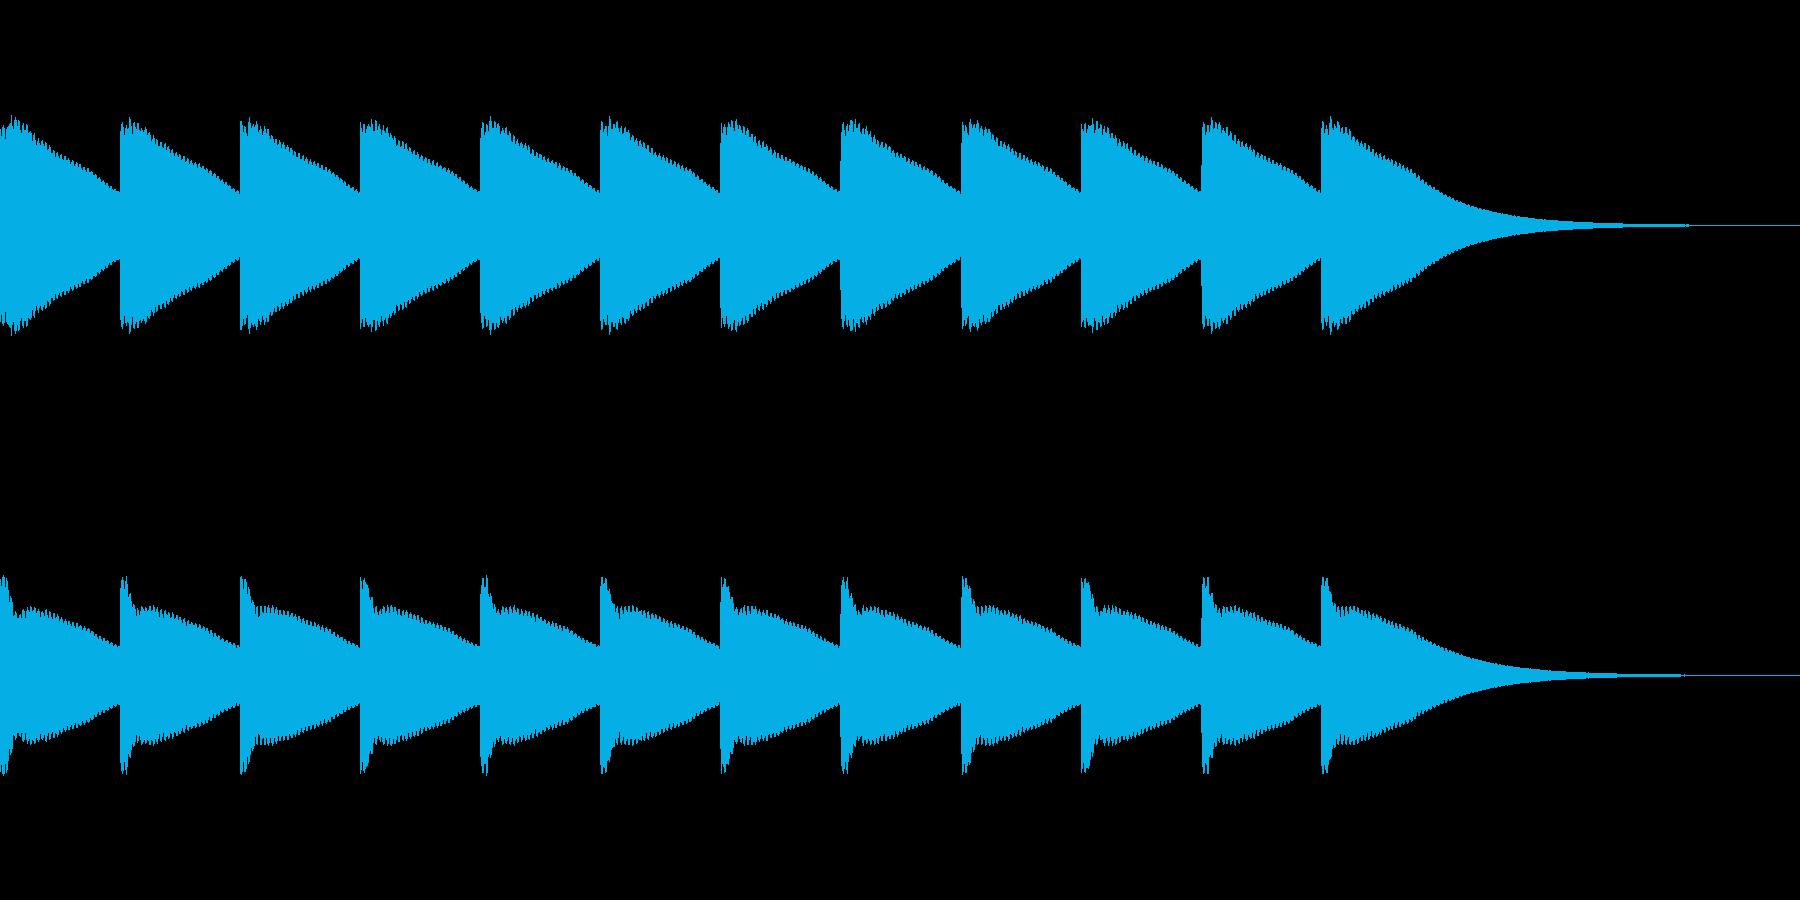 ボーンボーン...。時計の鐘B(高・長)の再生済みの波形